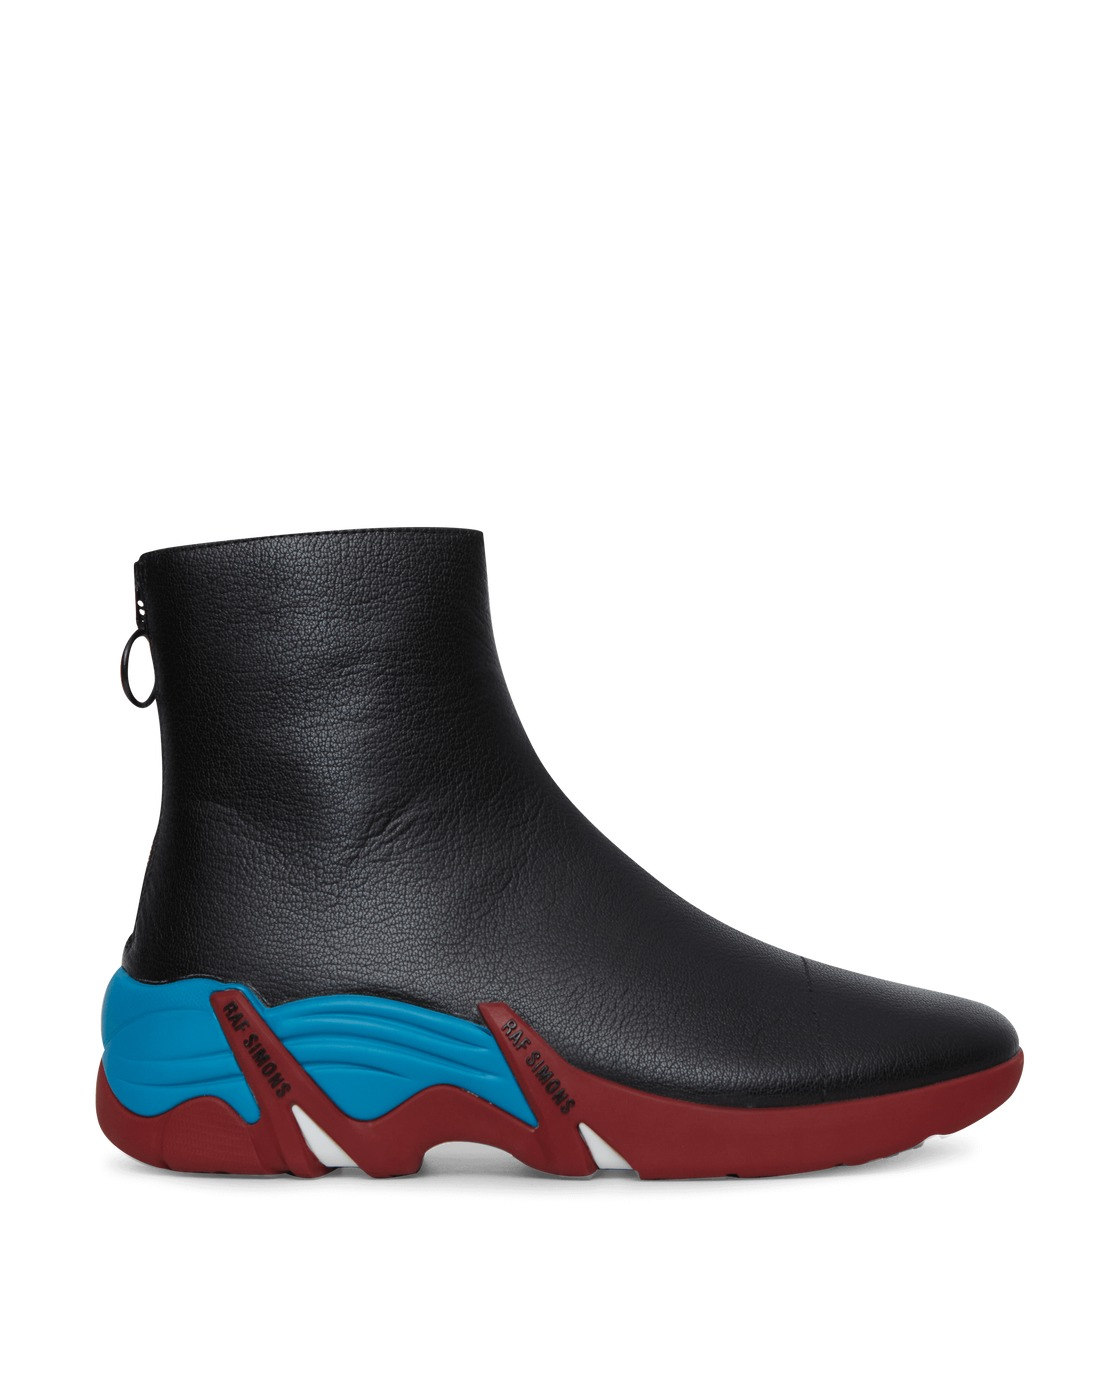 Raf Simons Runner Cylon Boots Black Multi